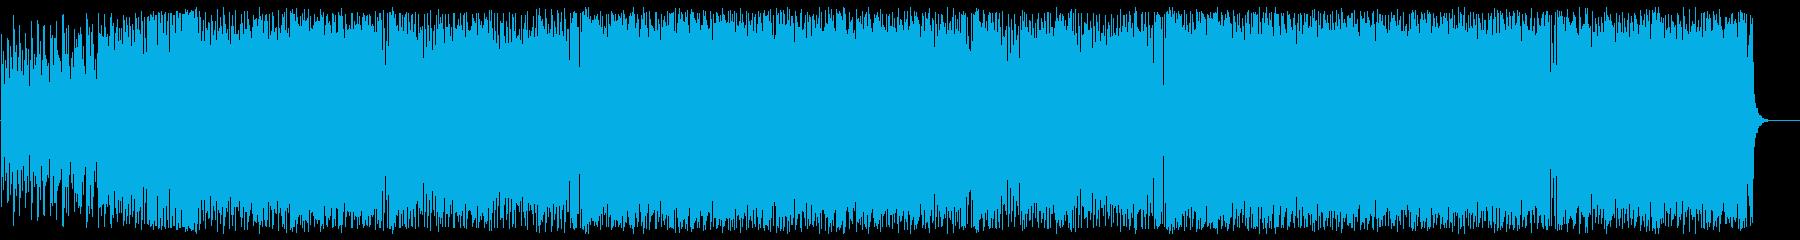 シックであり軽快で和を感じるBGMの再生済みの波形